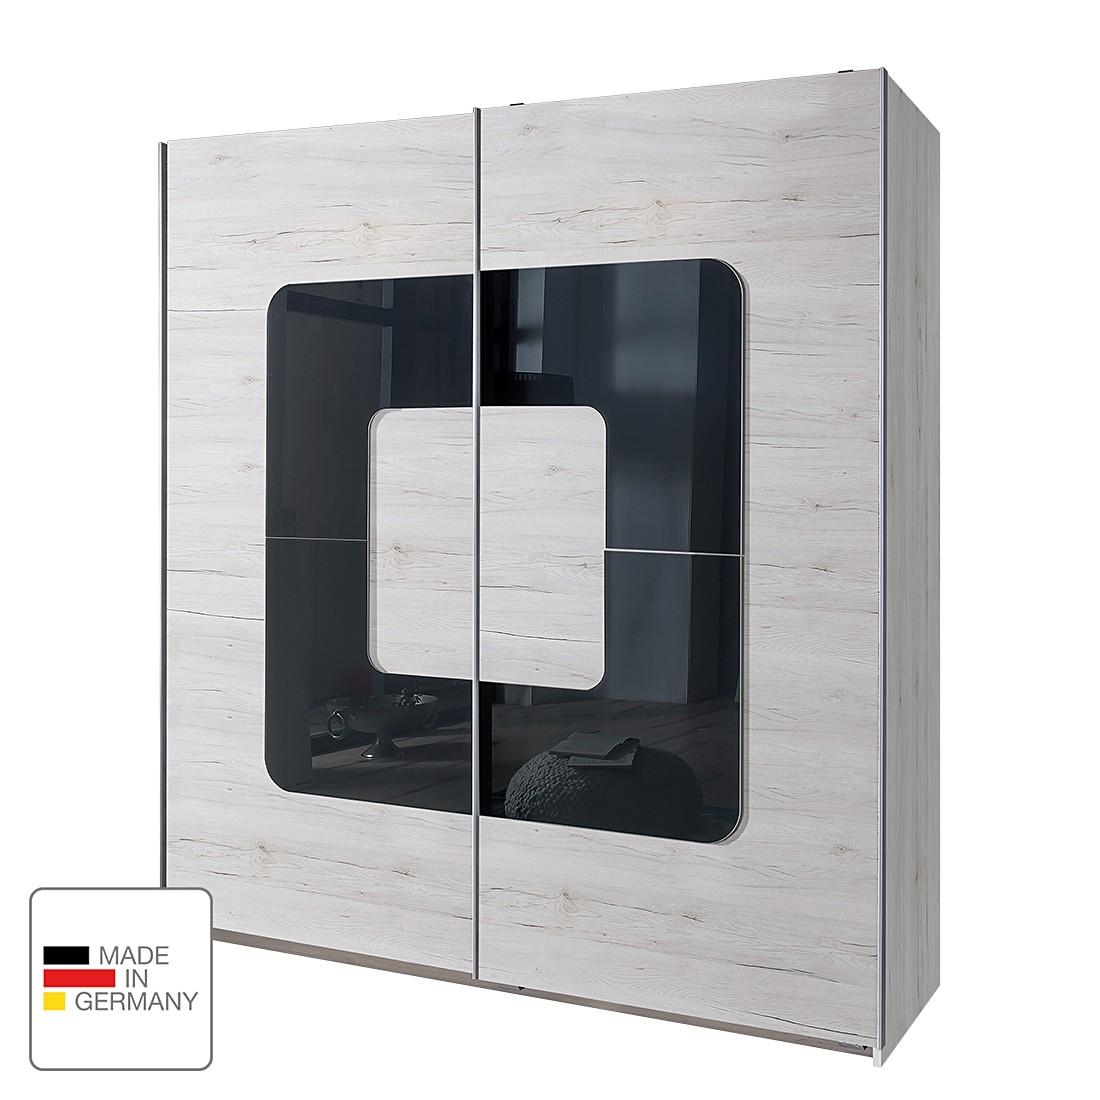 Armoire à portes coulissantes Curve - Chêne blanc / Verre gris, Wimex